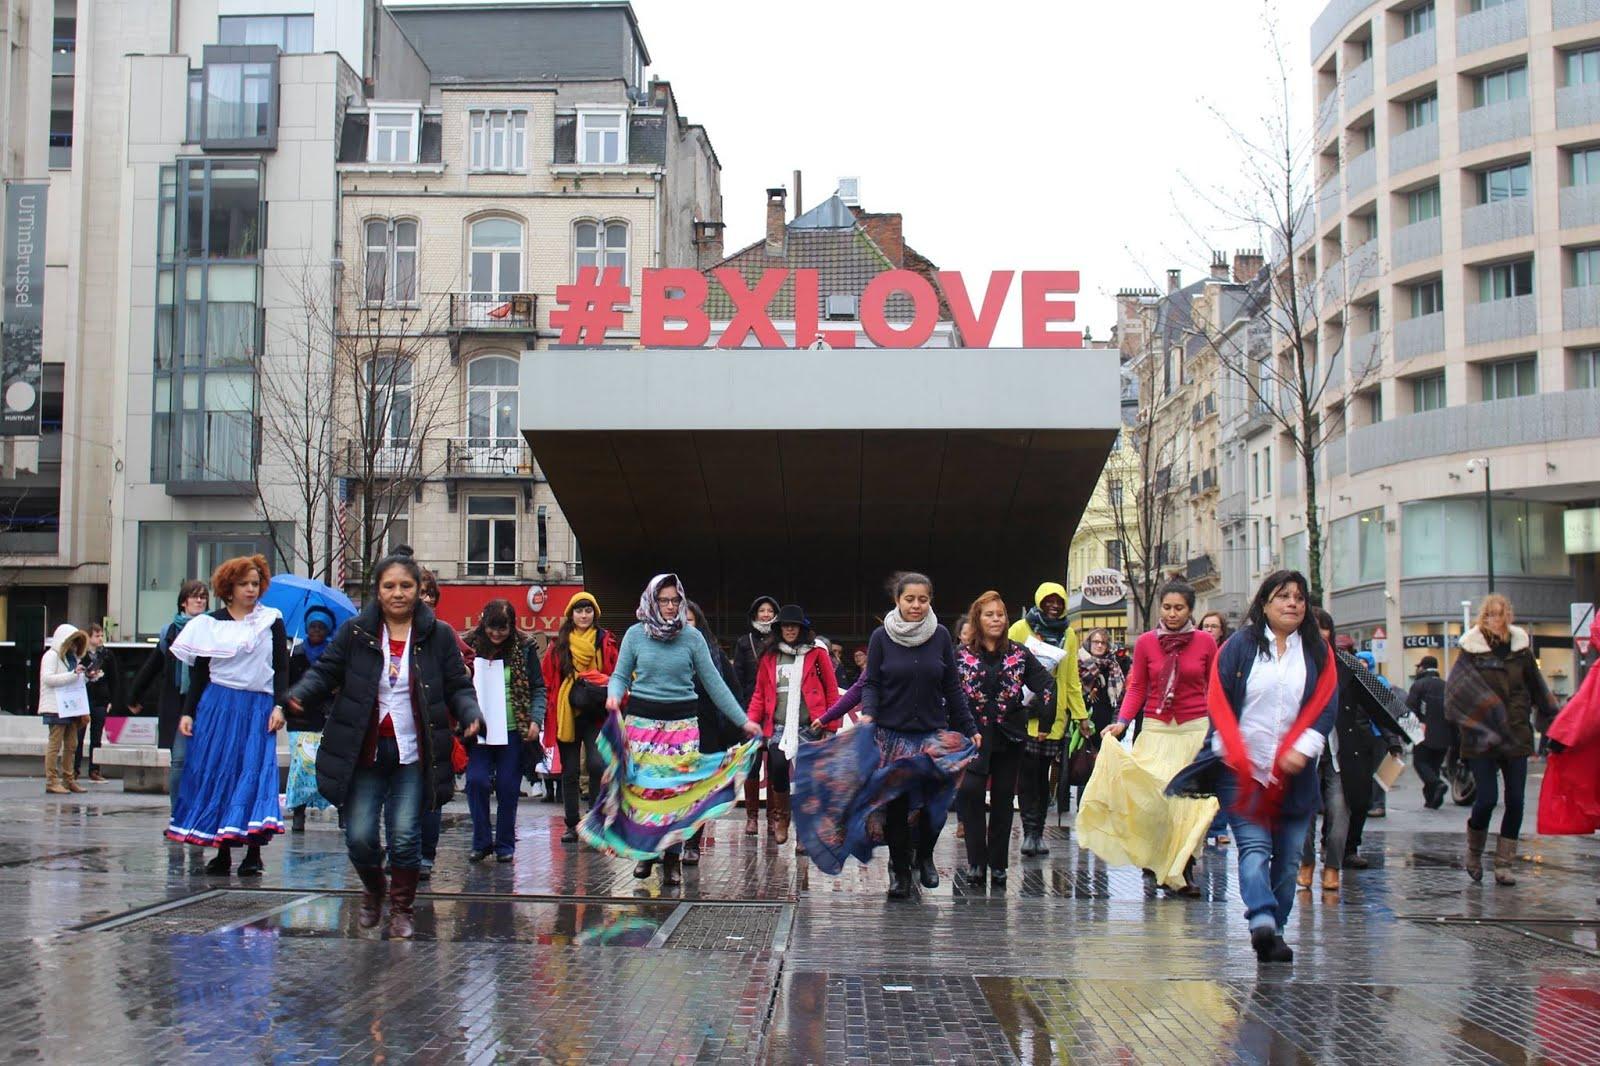 Flasmob en Bruxelles-Place de la Monnaie 8 mars 2017